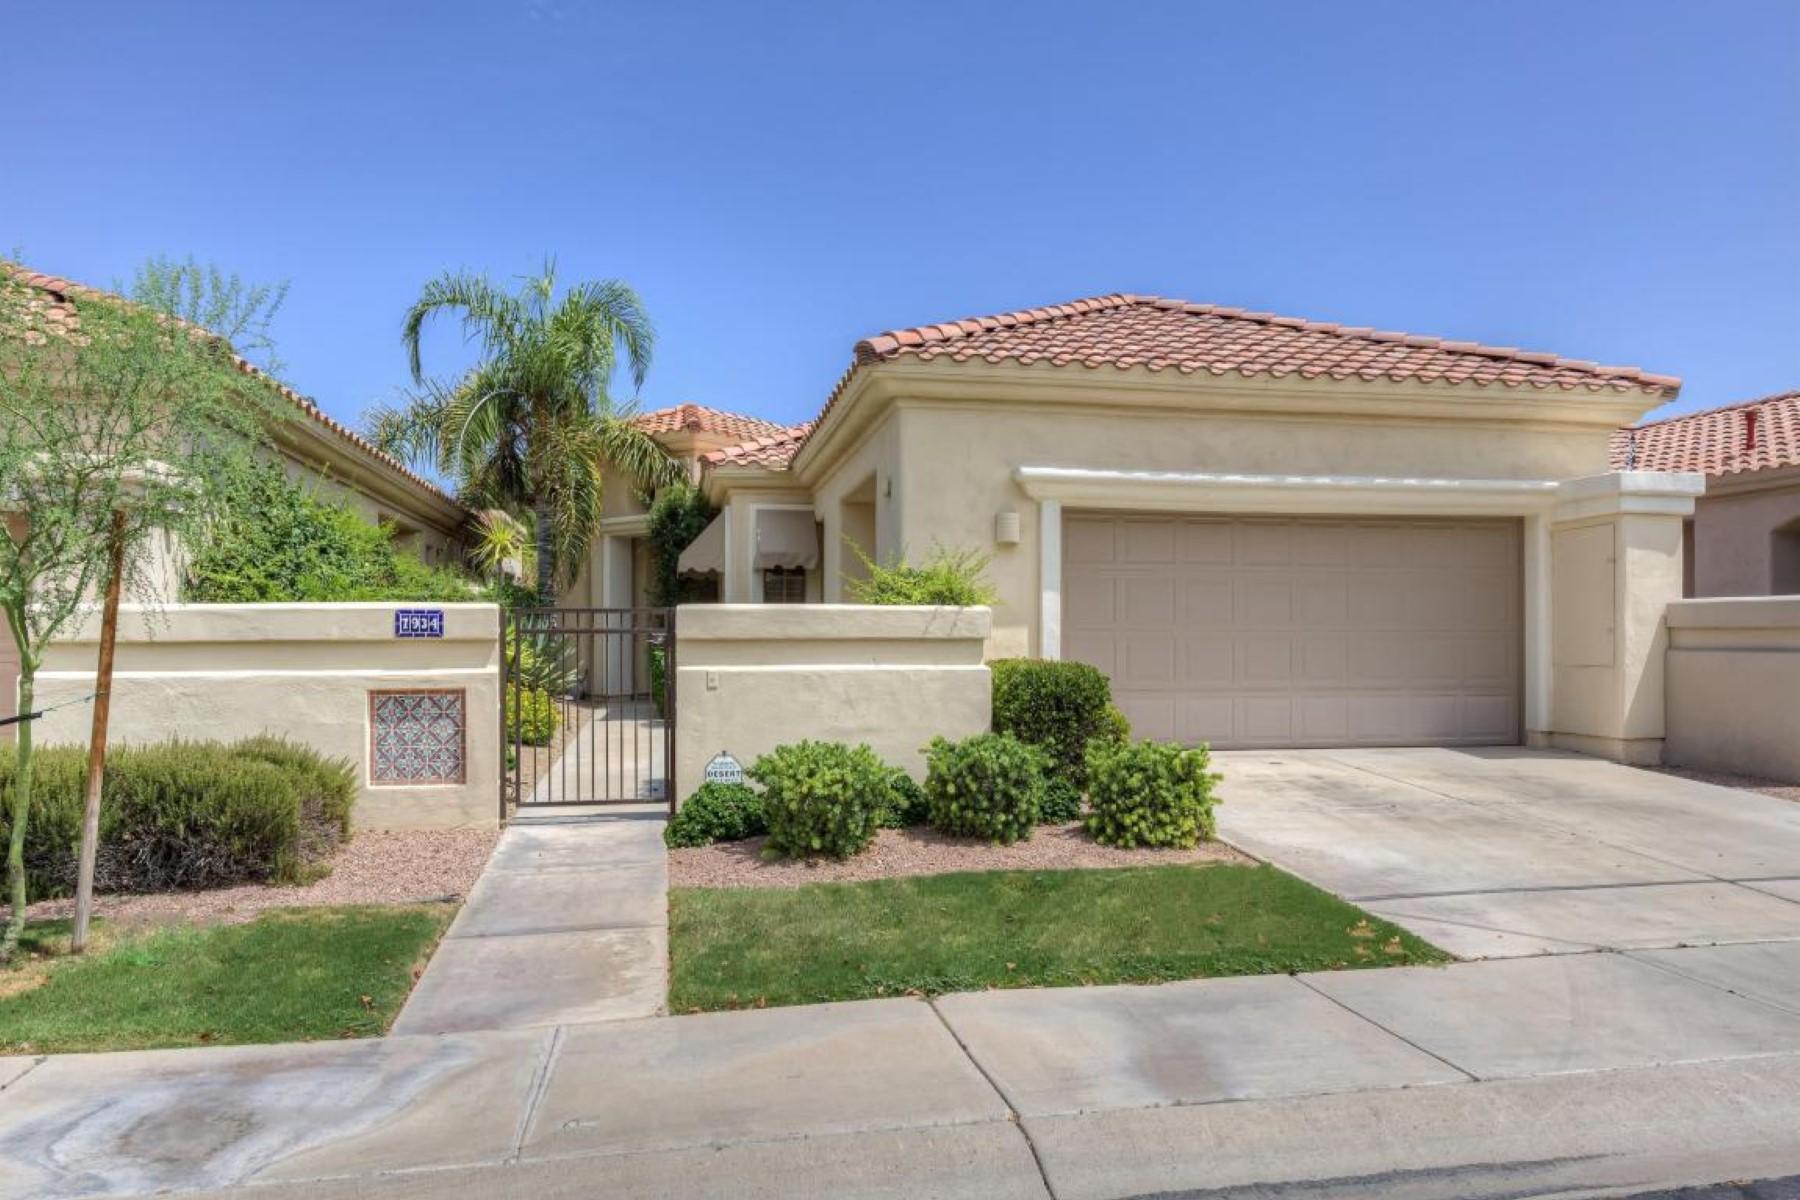 タウンハウス のために 売買 アット Welcome to the gated Scottsdale Country Club. 7934 E DESERT COVE AVE Scottsdale, アリゾナ 85260 アメリカ合衆国